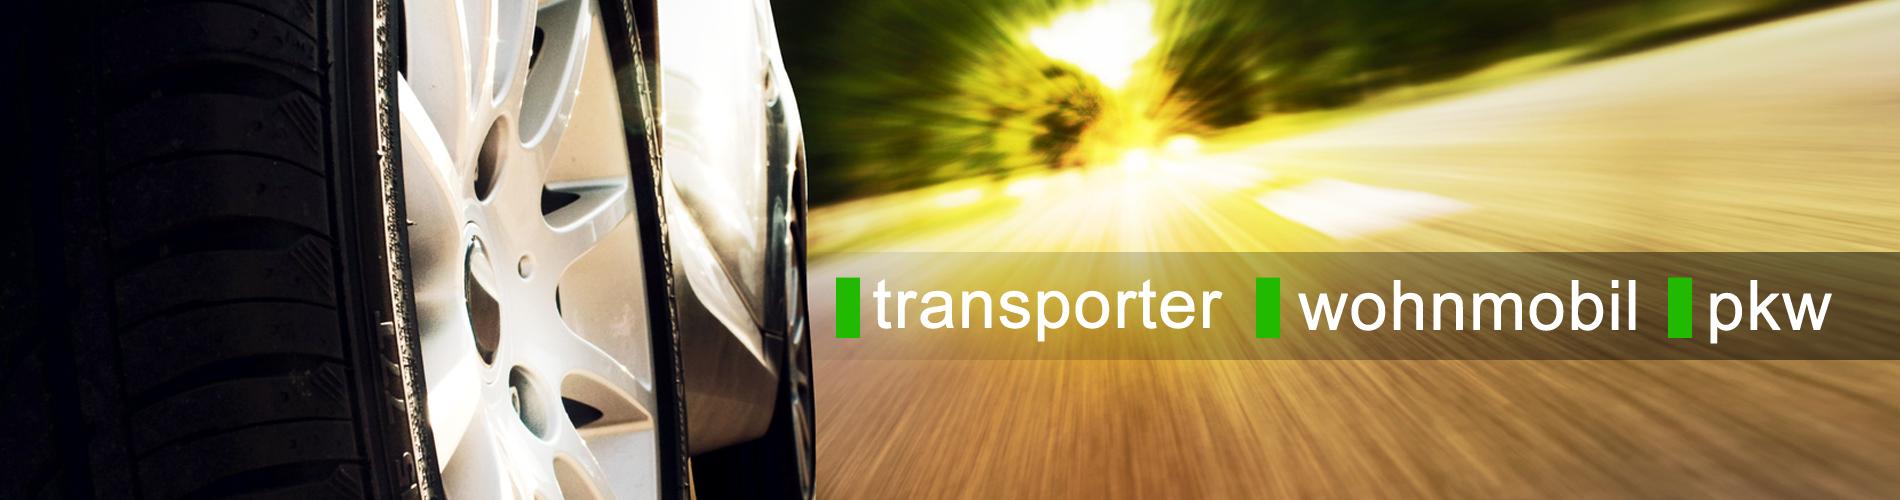 GSC-KFZBetrieb.de - Transporter , Wohnmobil und PKW Werkstatt in Wetzlar